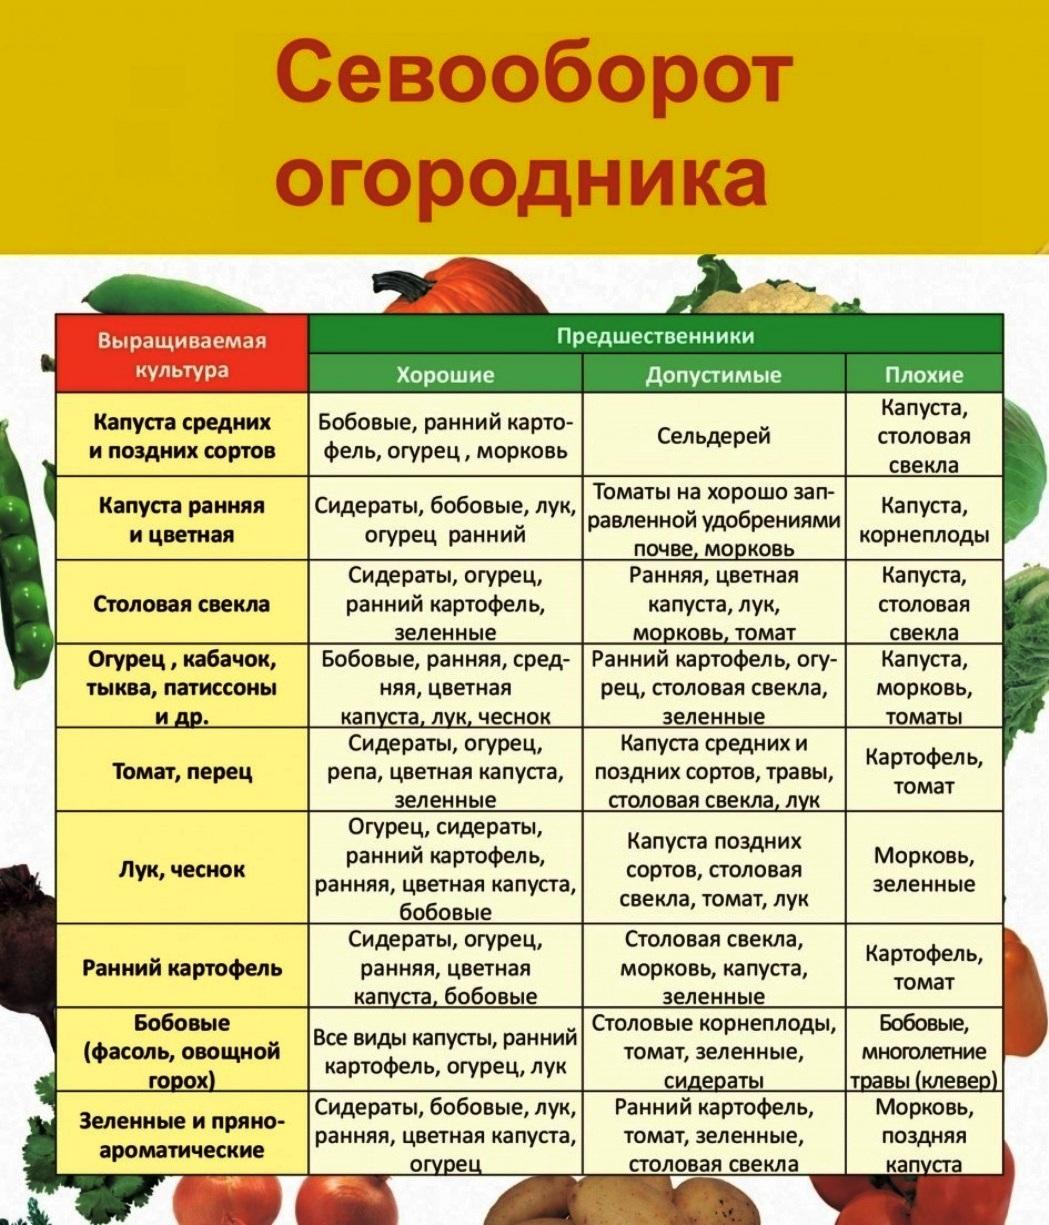 Что посадить после чеснока: полезные рекомендации для огородников